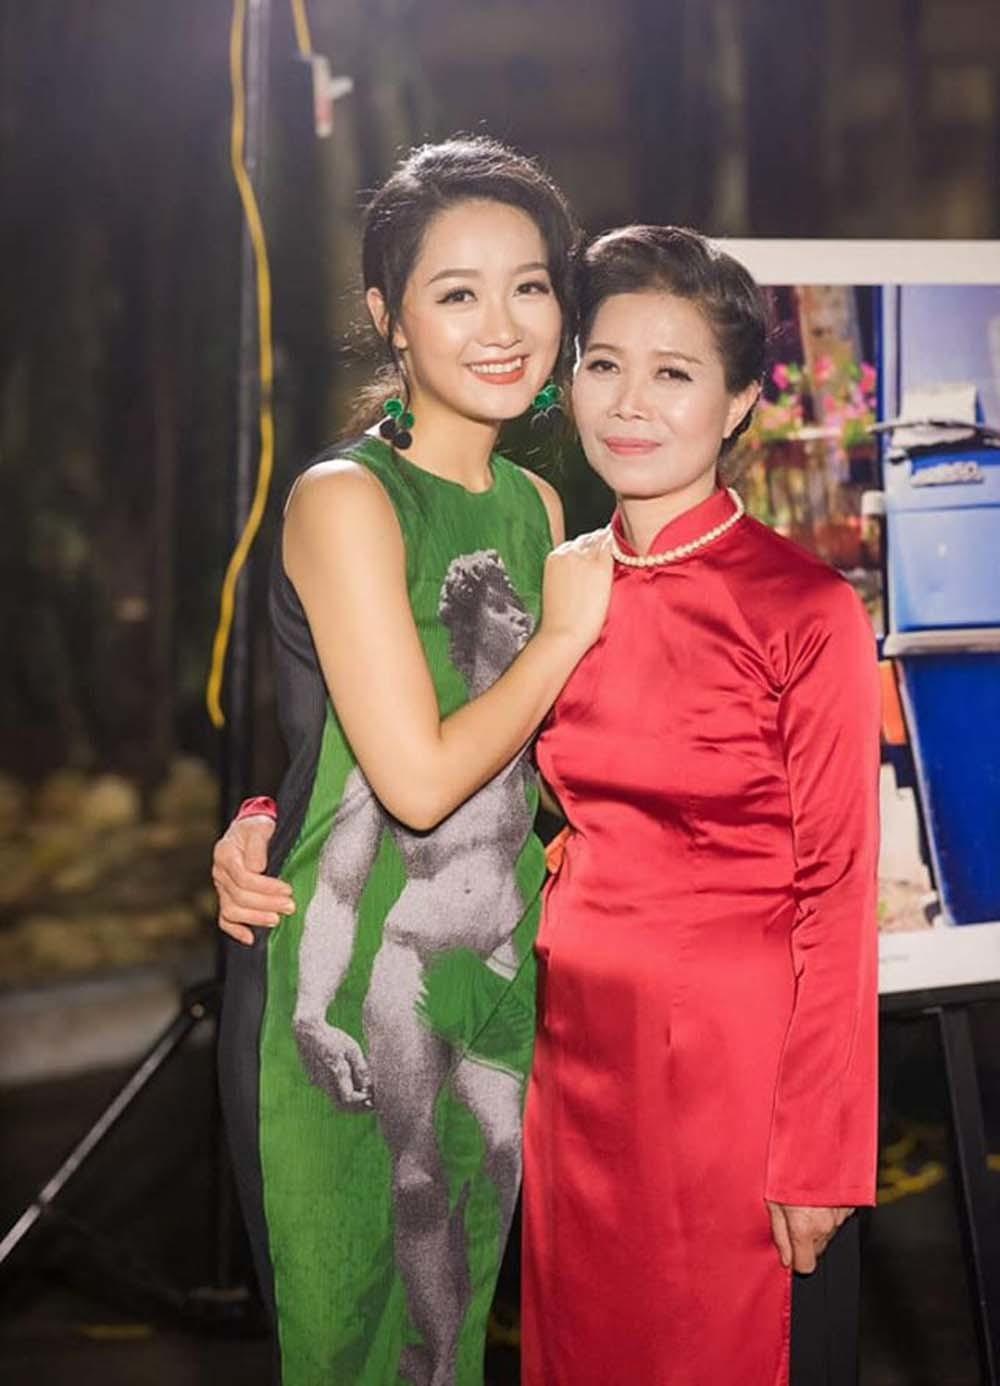 Xúc động những lời chúc tình cảm của sao Việt trong Ngày của mẹ-2